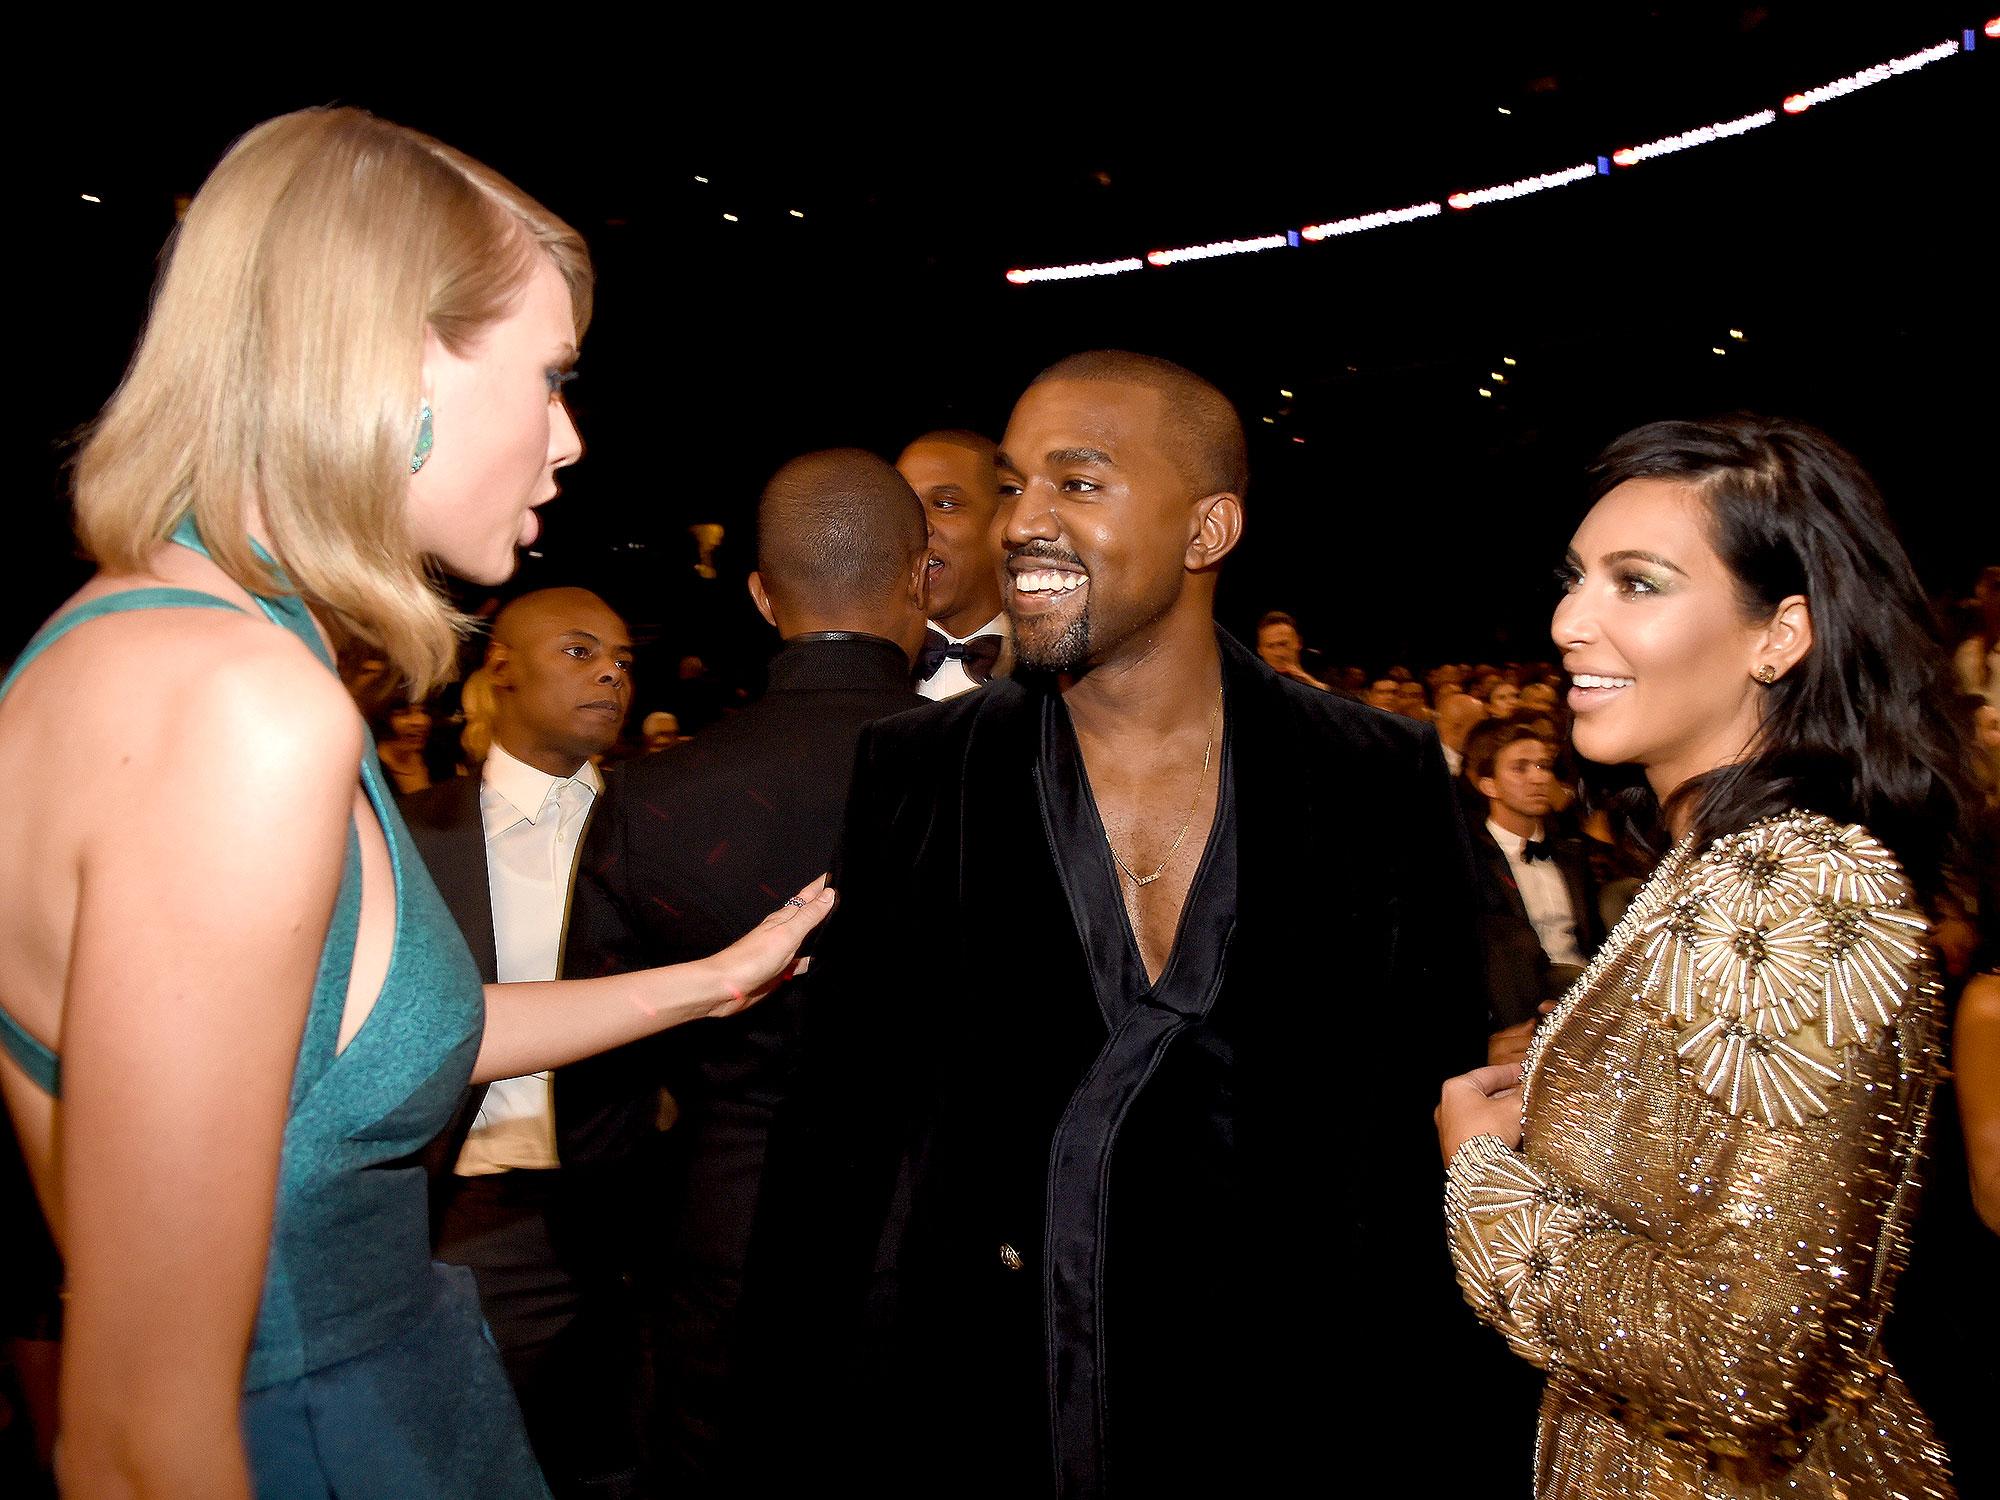 Taylor Swift, Kanye and Kim Kardashian